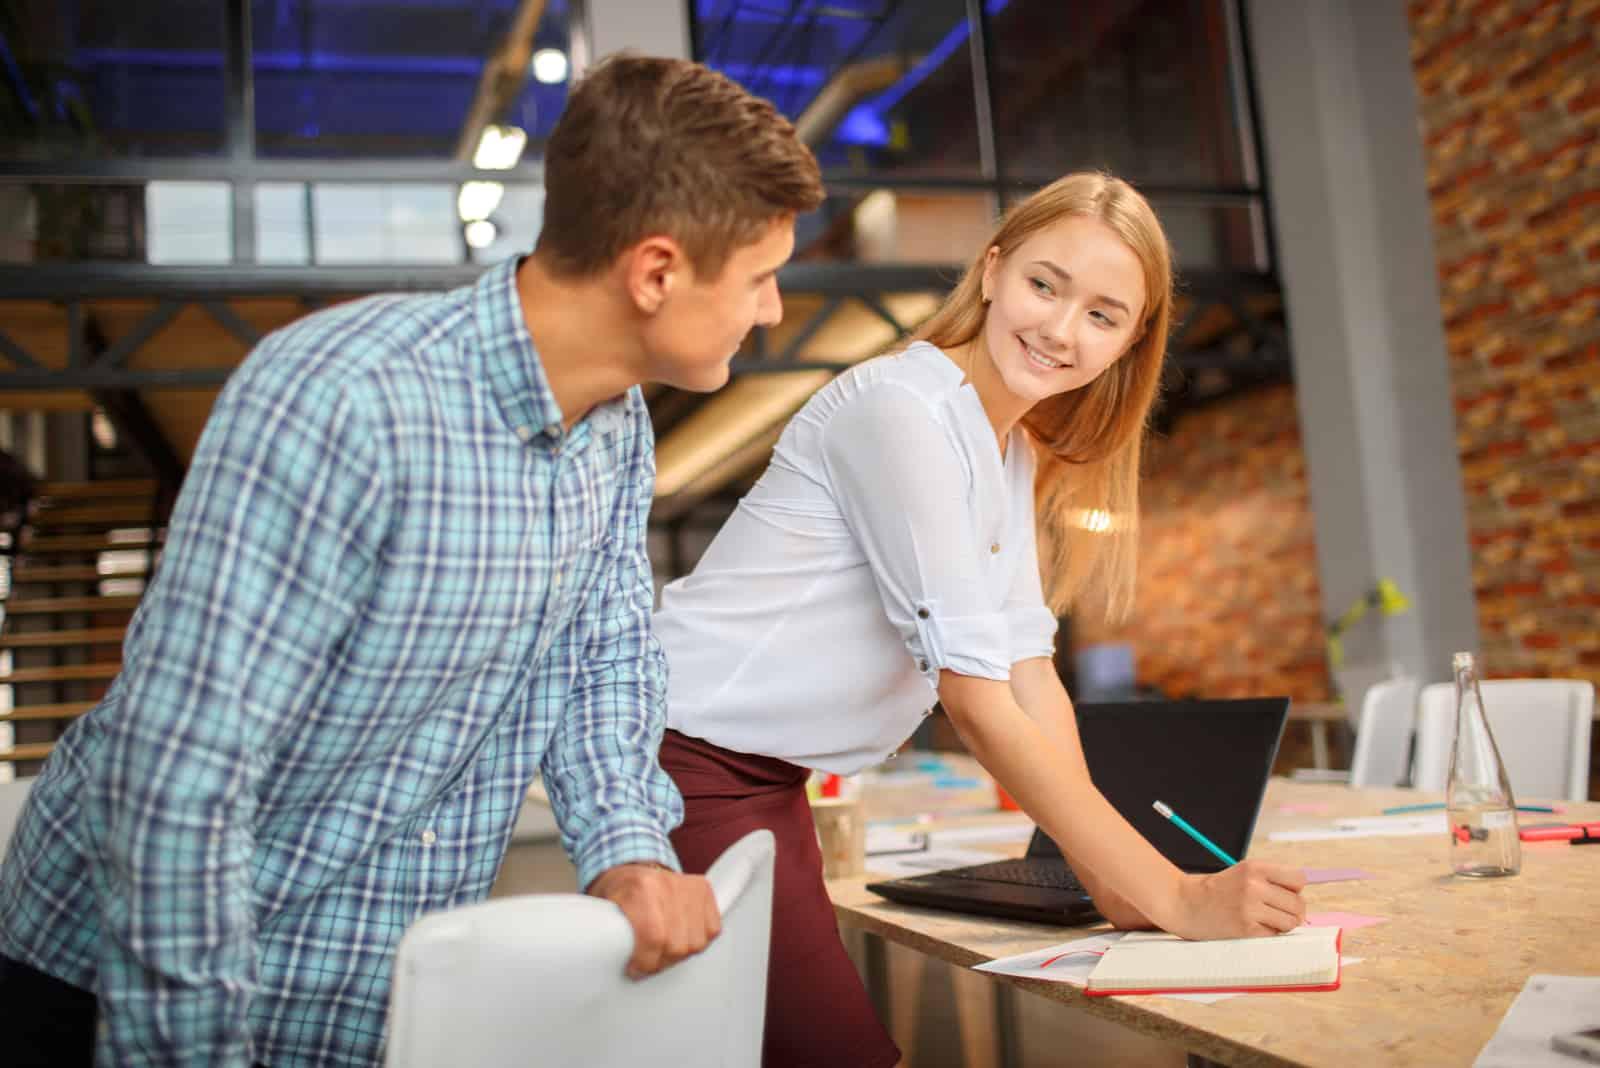 Flirter avec un collégue de boulot - Trucs De Nana